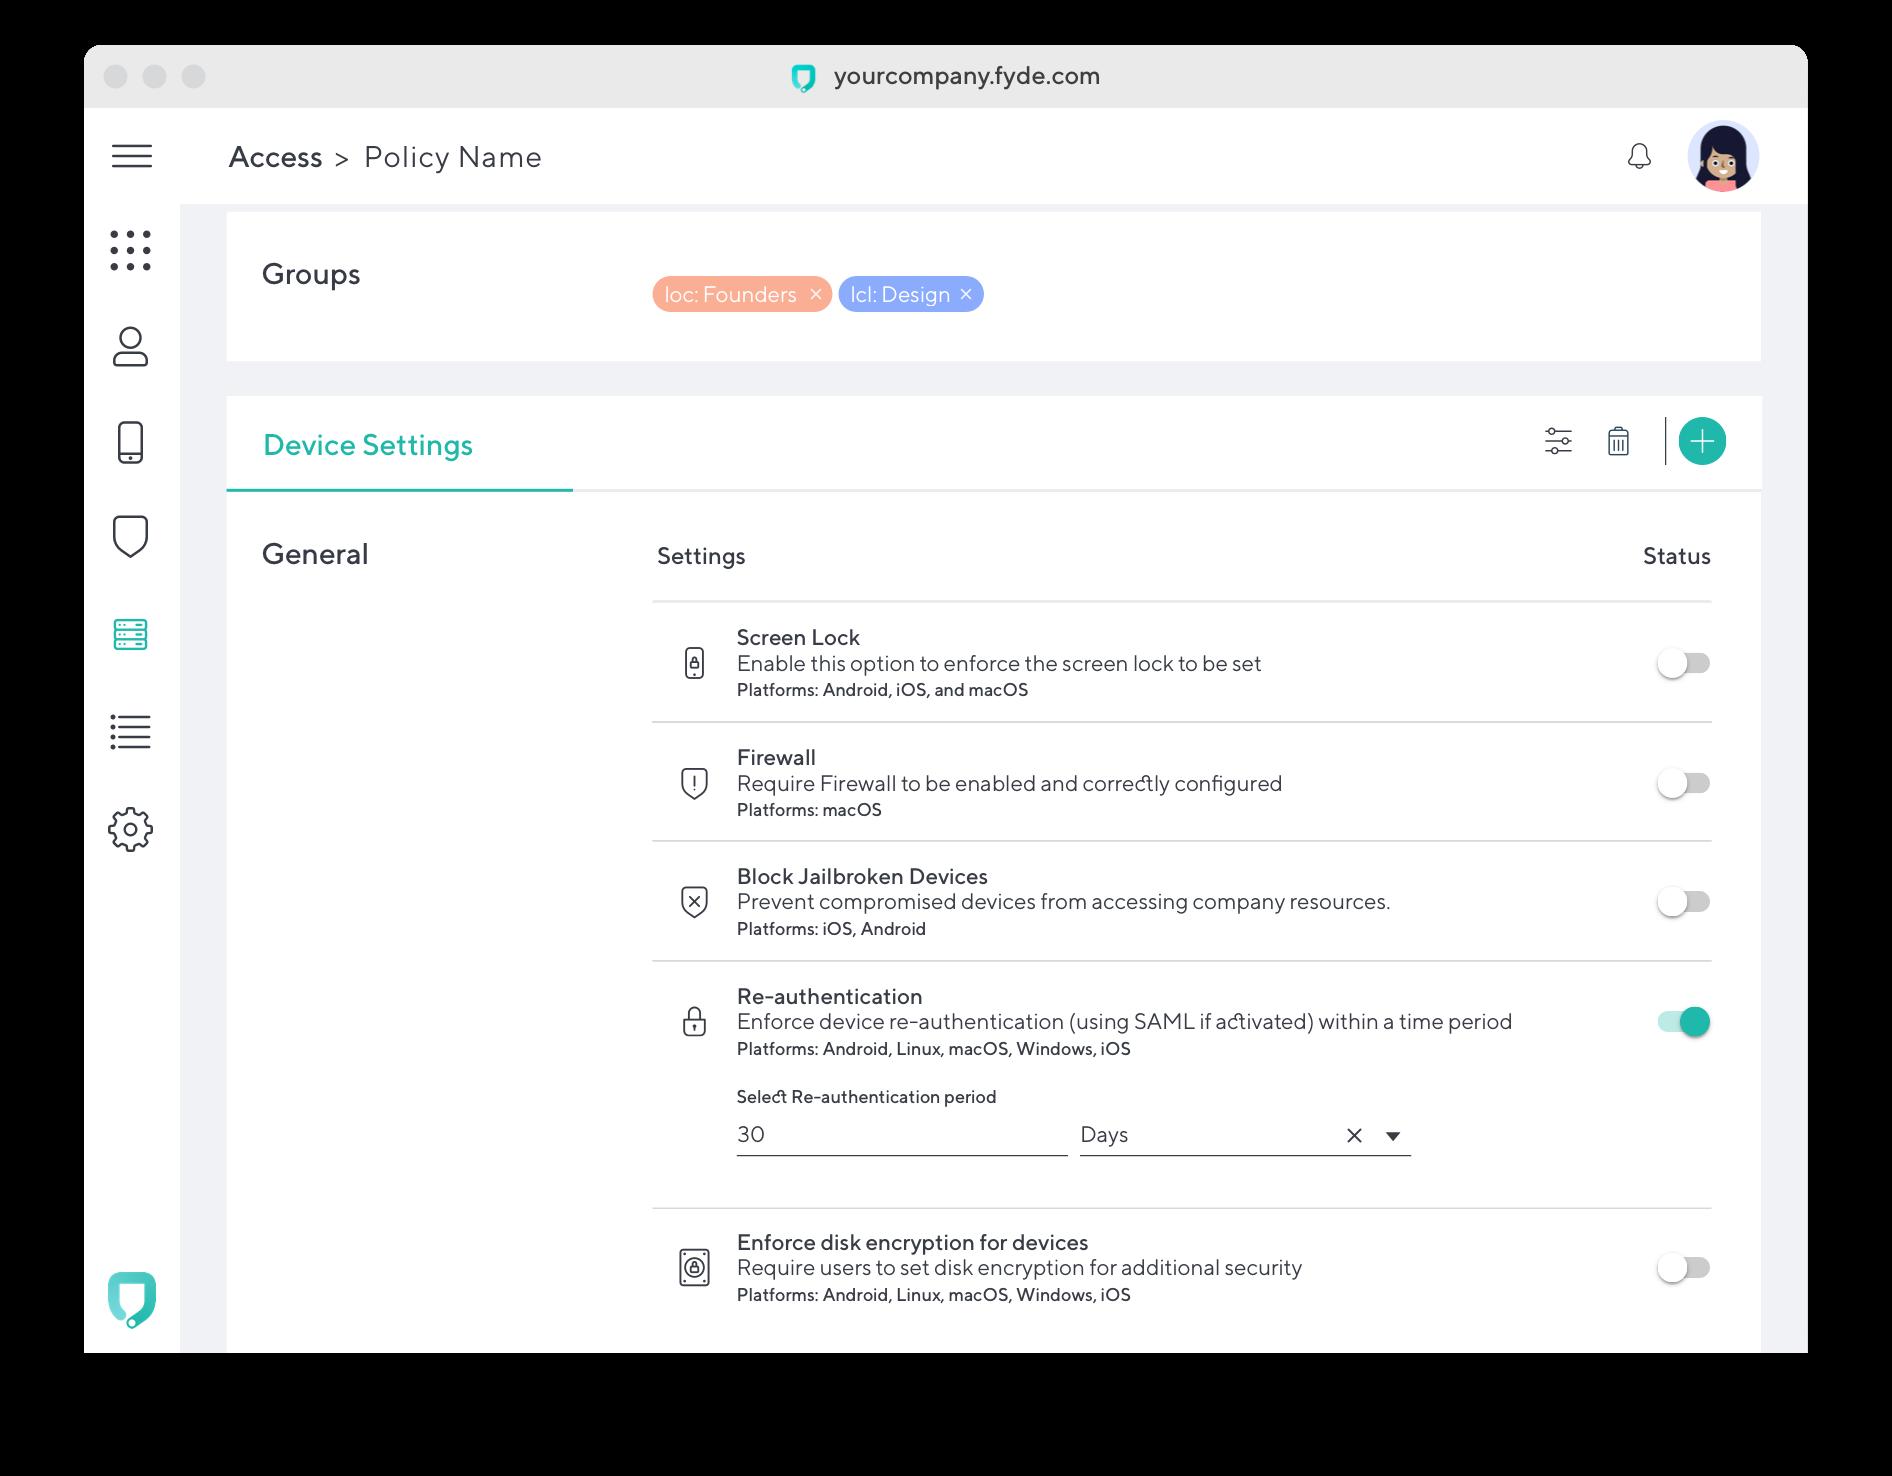 FydeFor_Policies_Atlassian